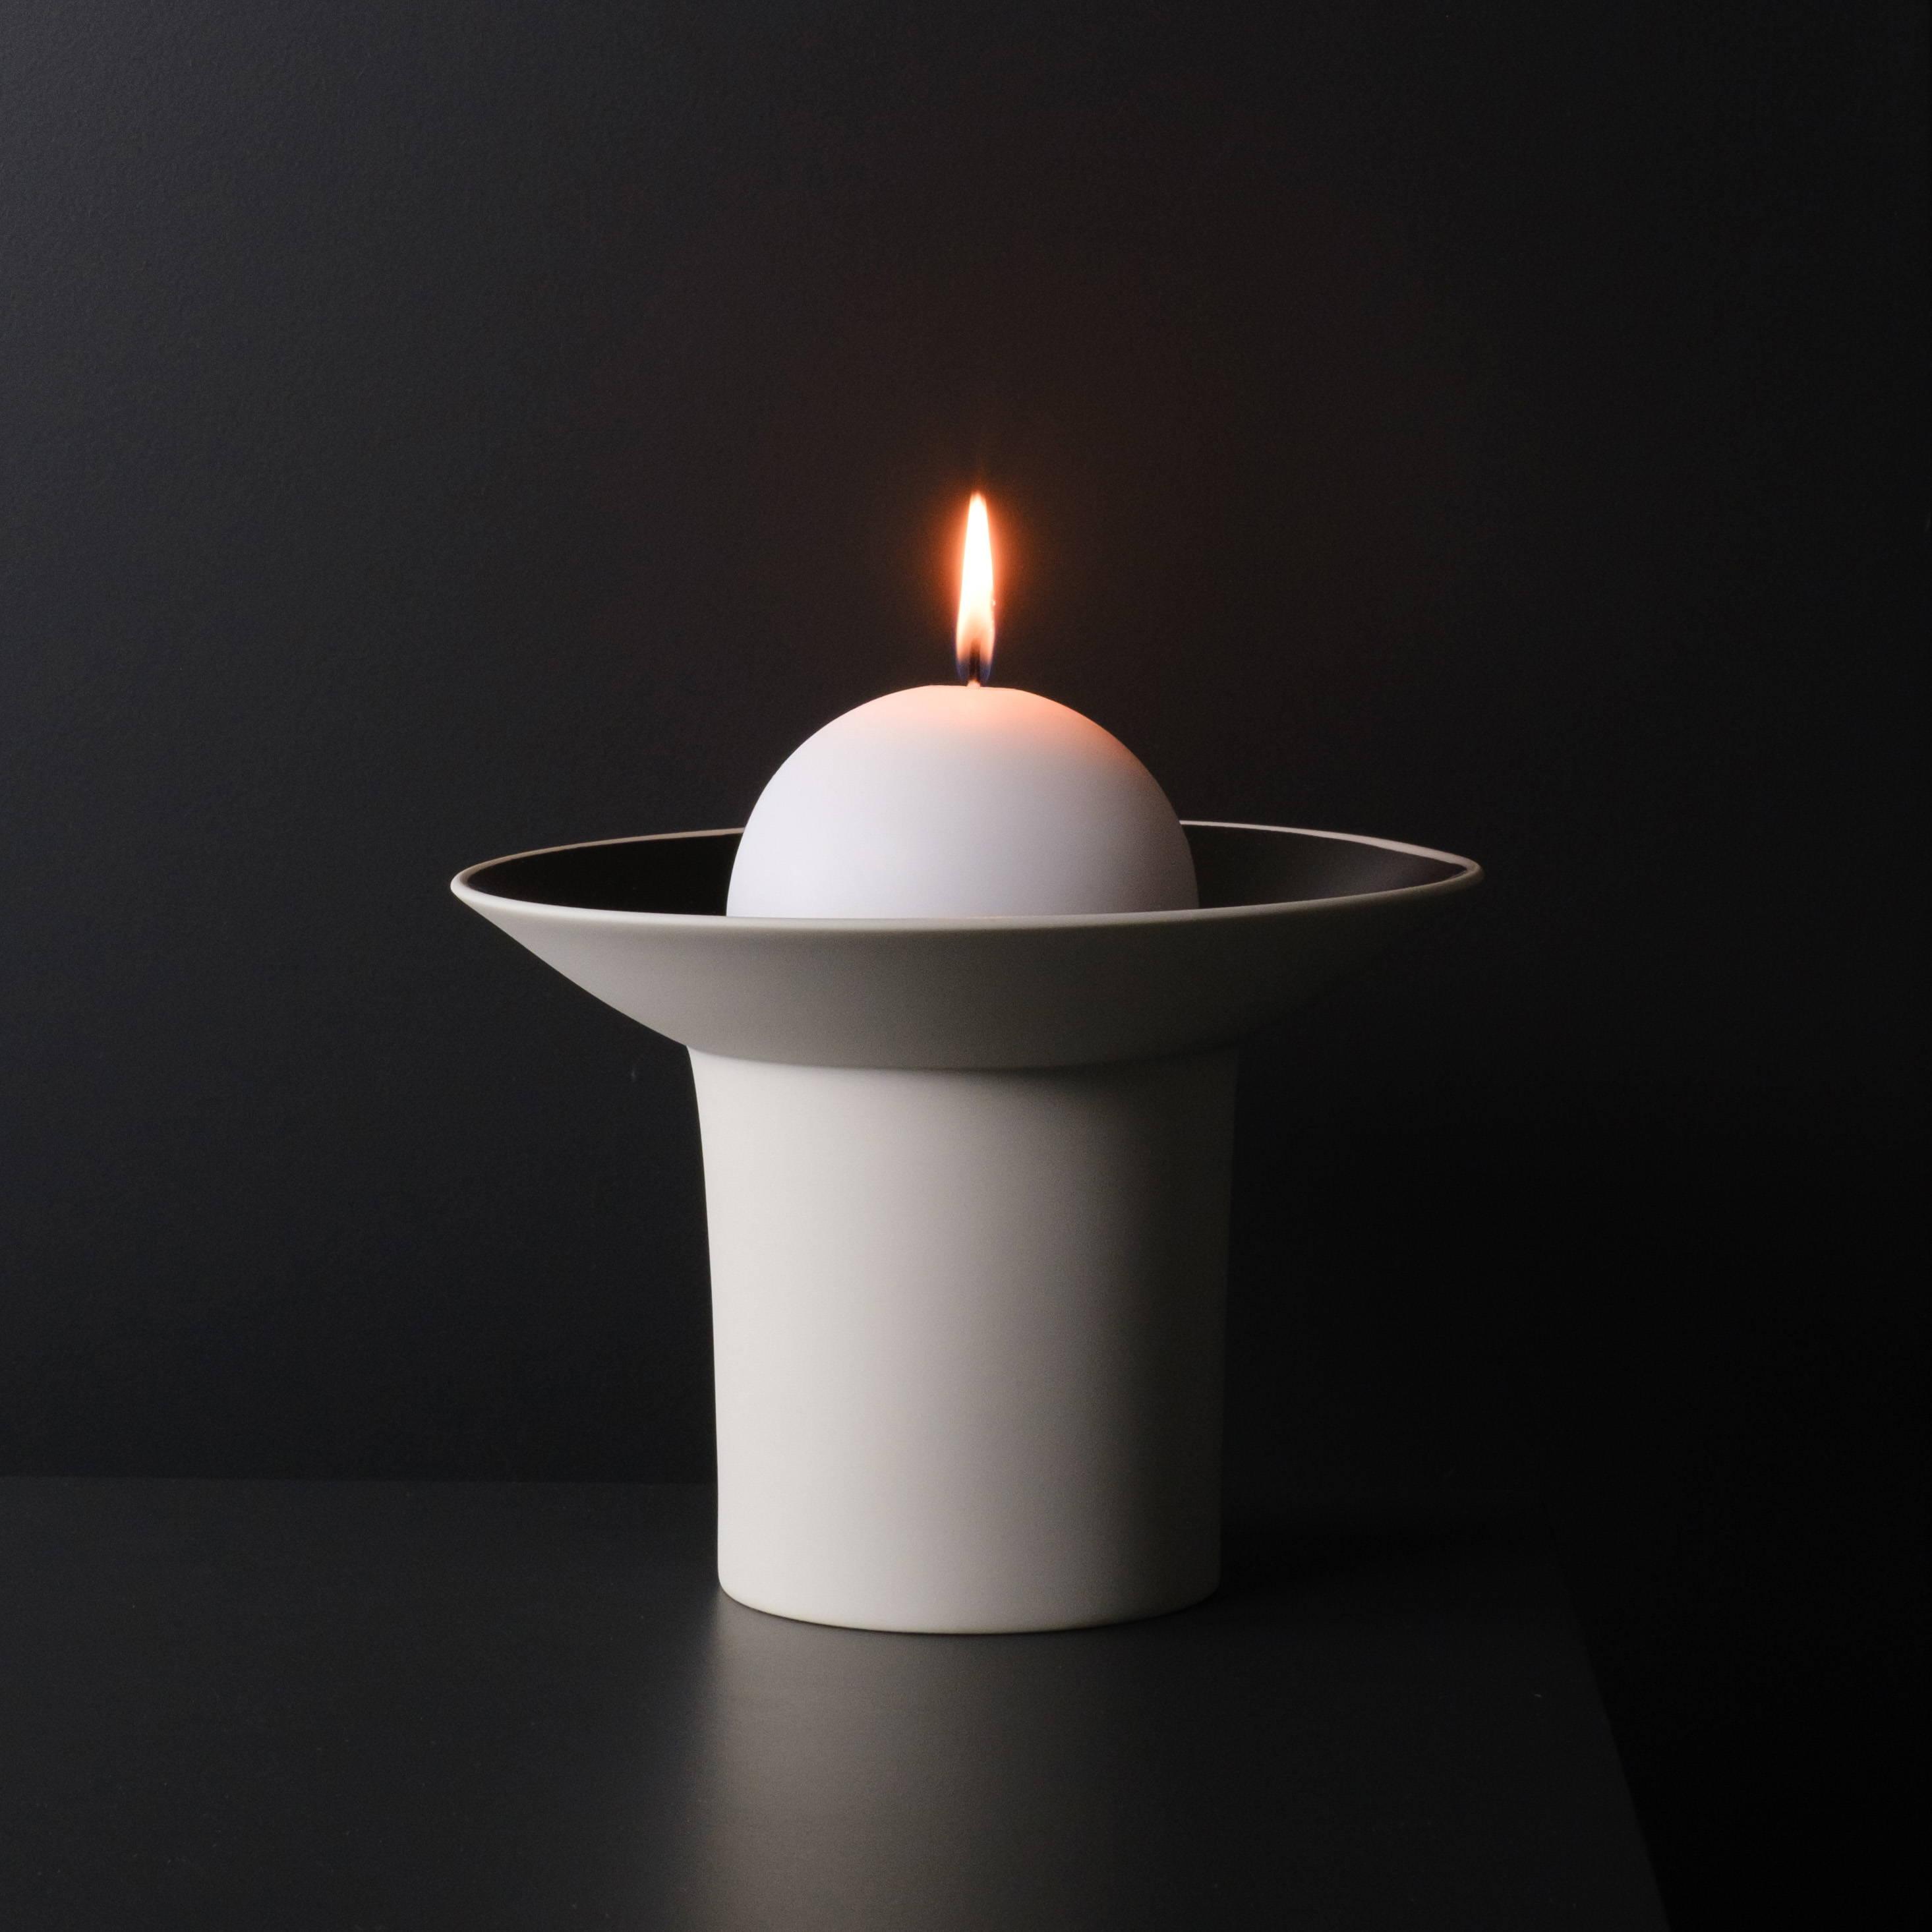 Darley Porzellan Kerzenschale Platindekor Weiß